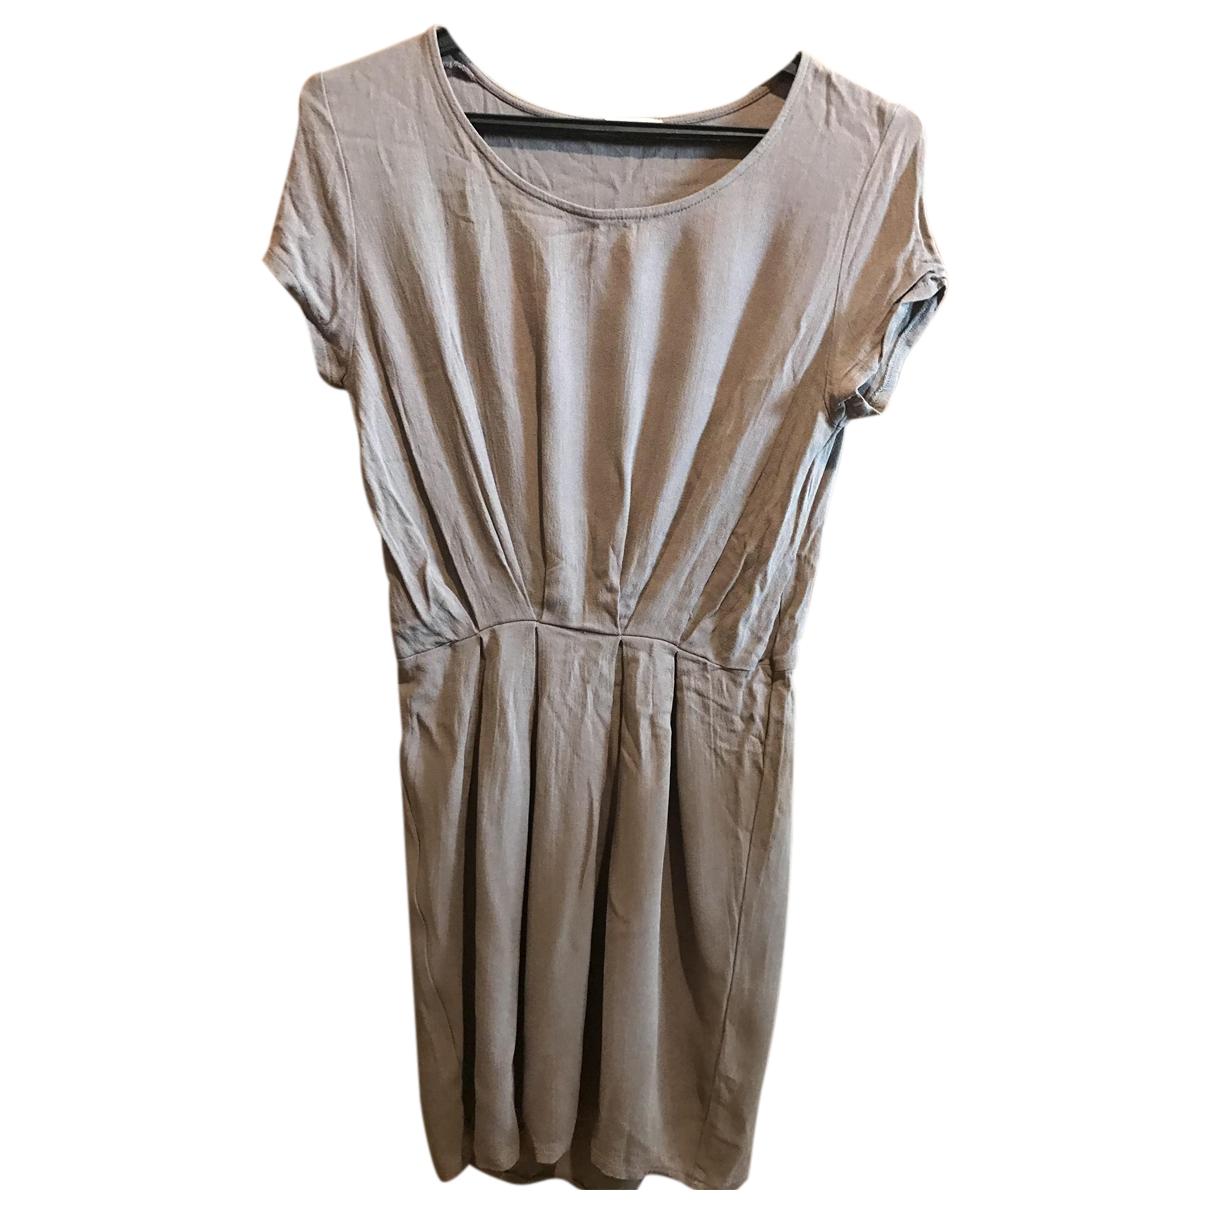 American Vintage \N Kleid in  Beige Viskose